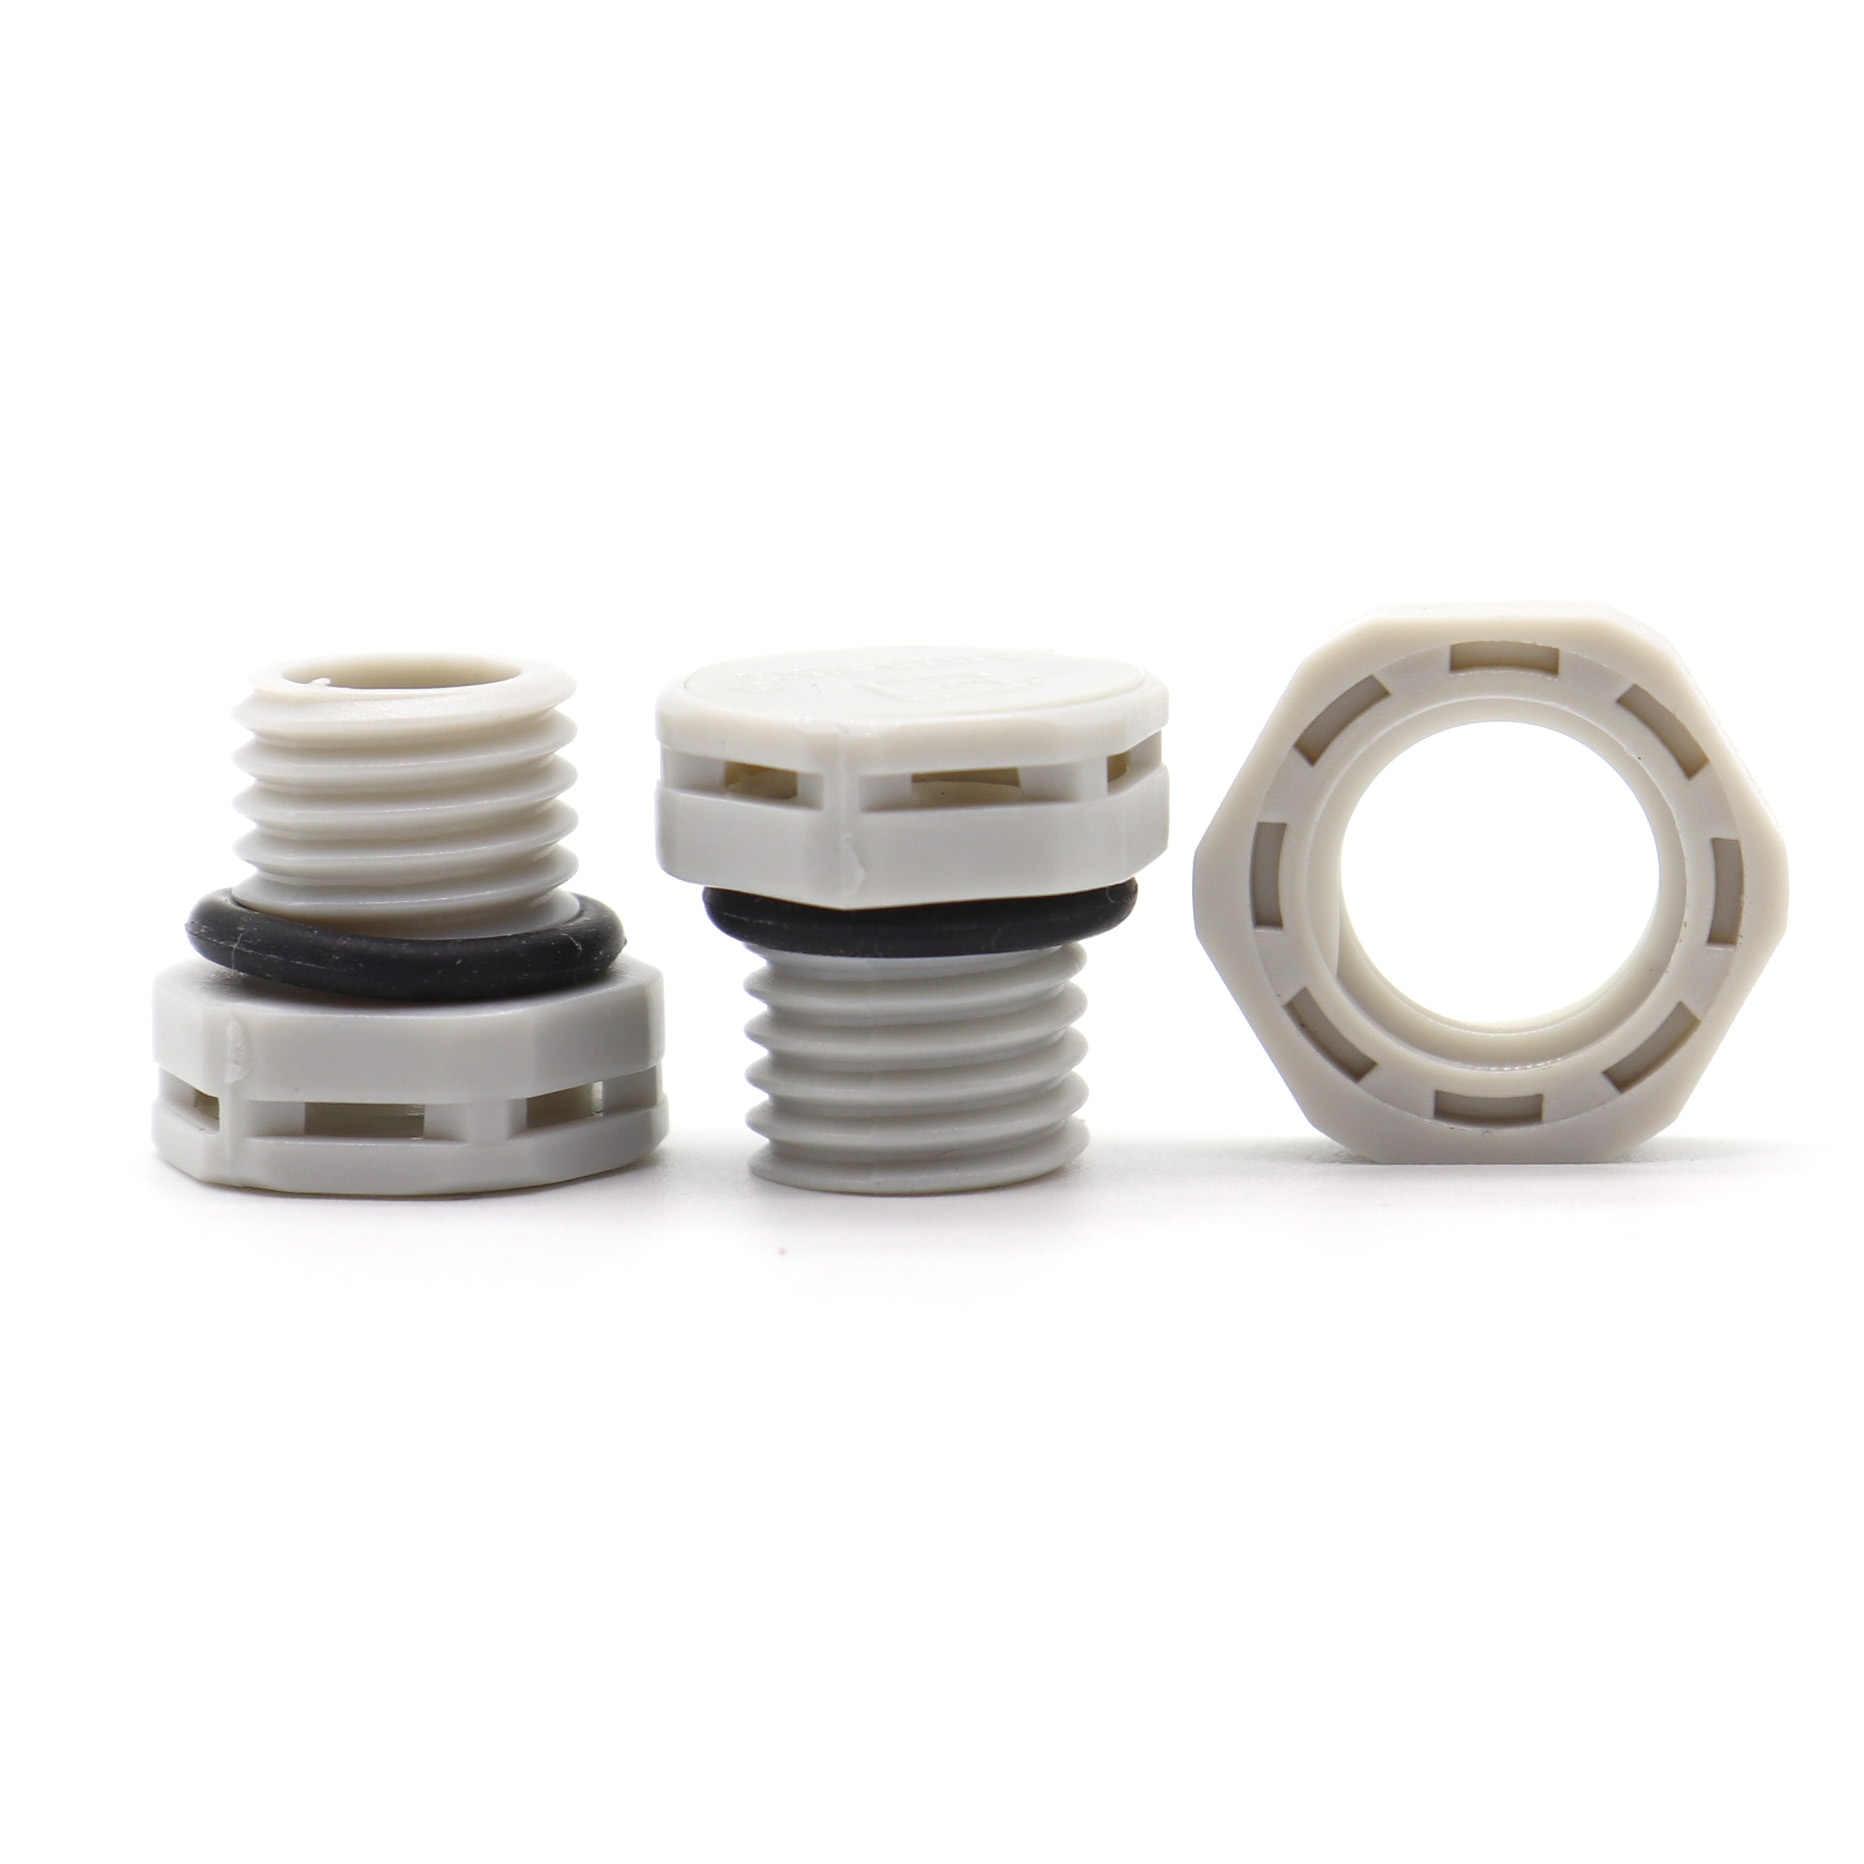 Олеофобное дышащая Пластик D10 вентиляции Болтовая заглушка